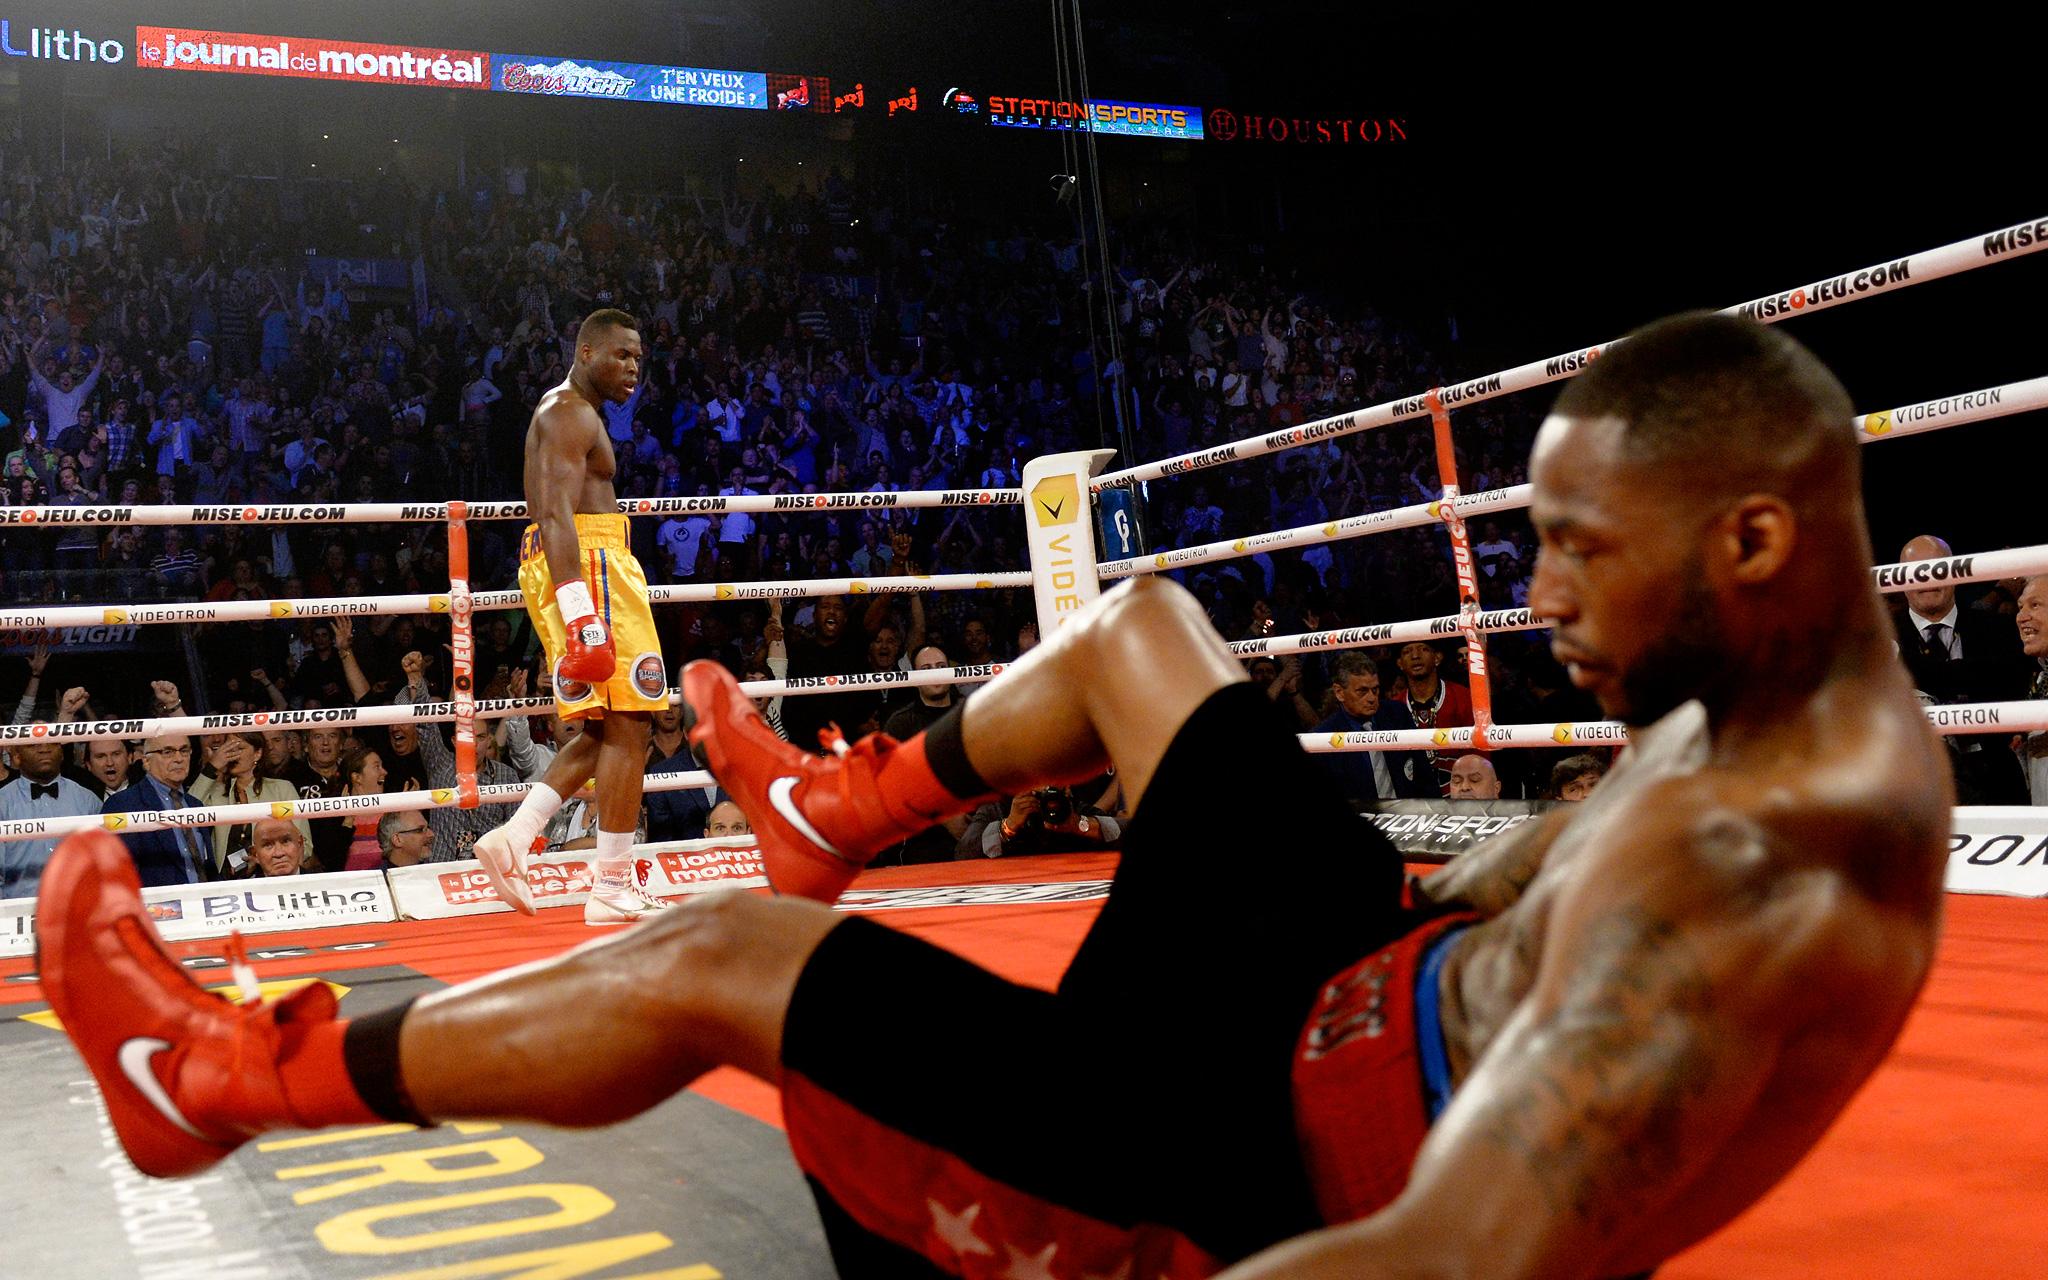 Adonis Stevenson knocks out Chad Dawson